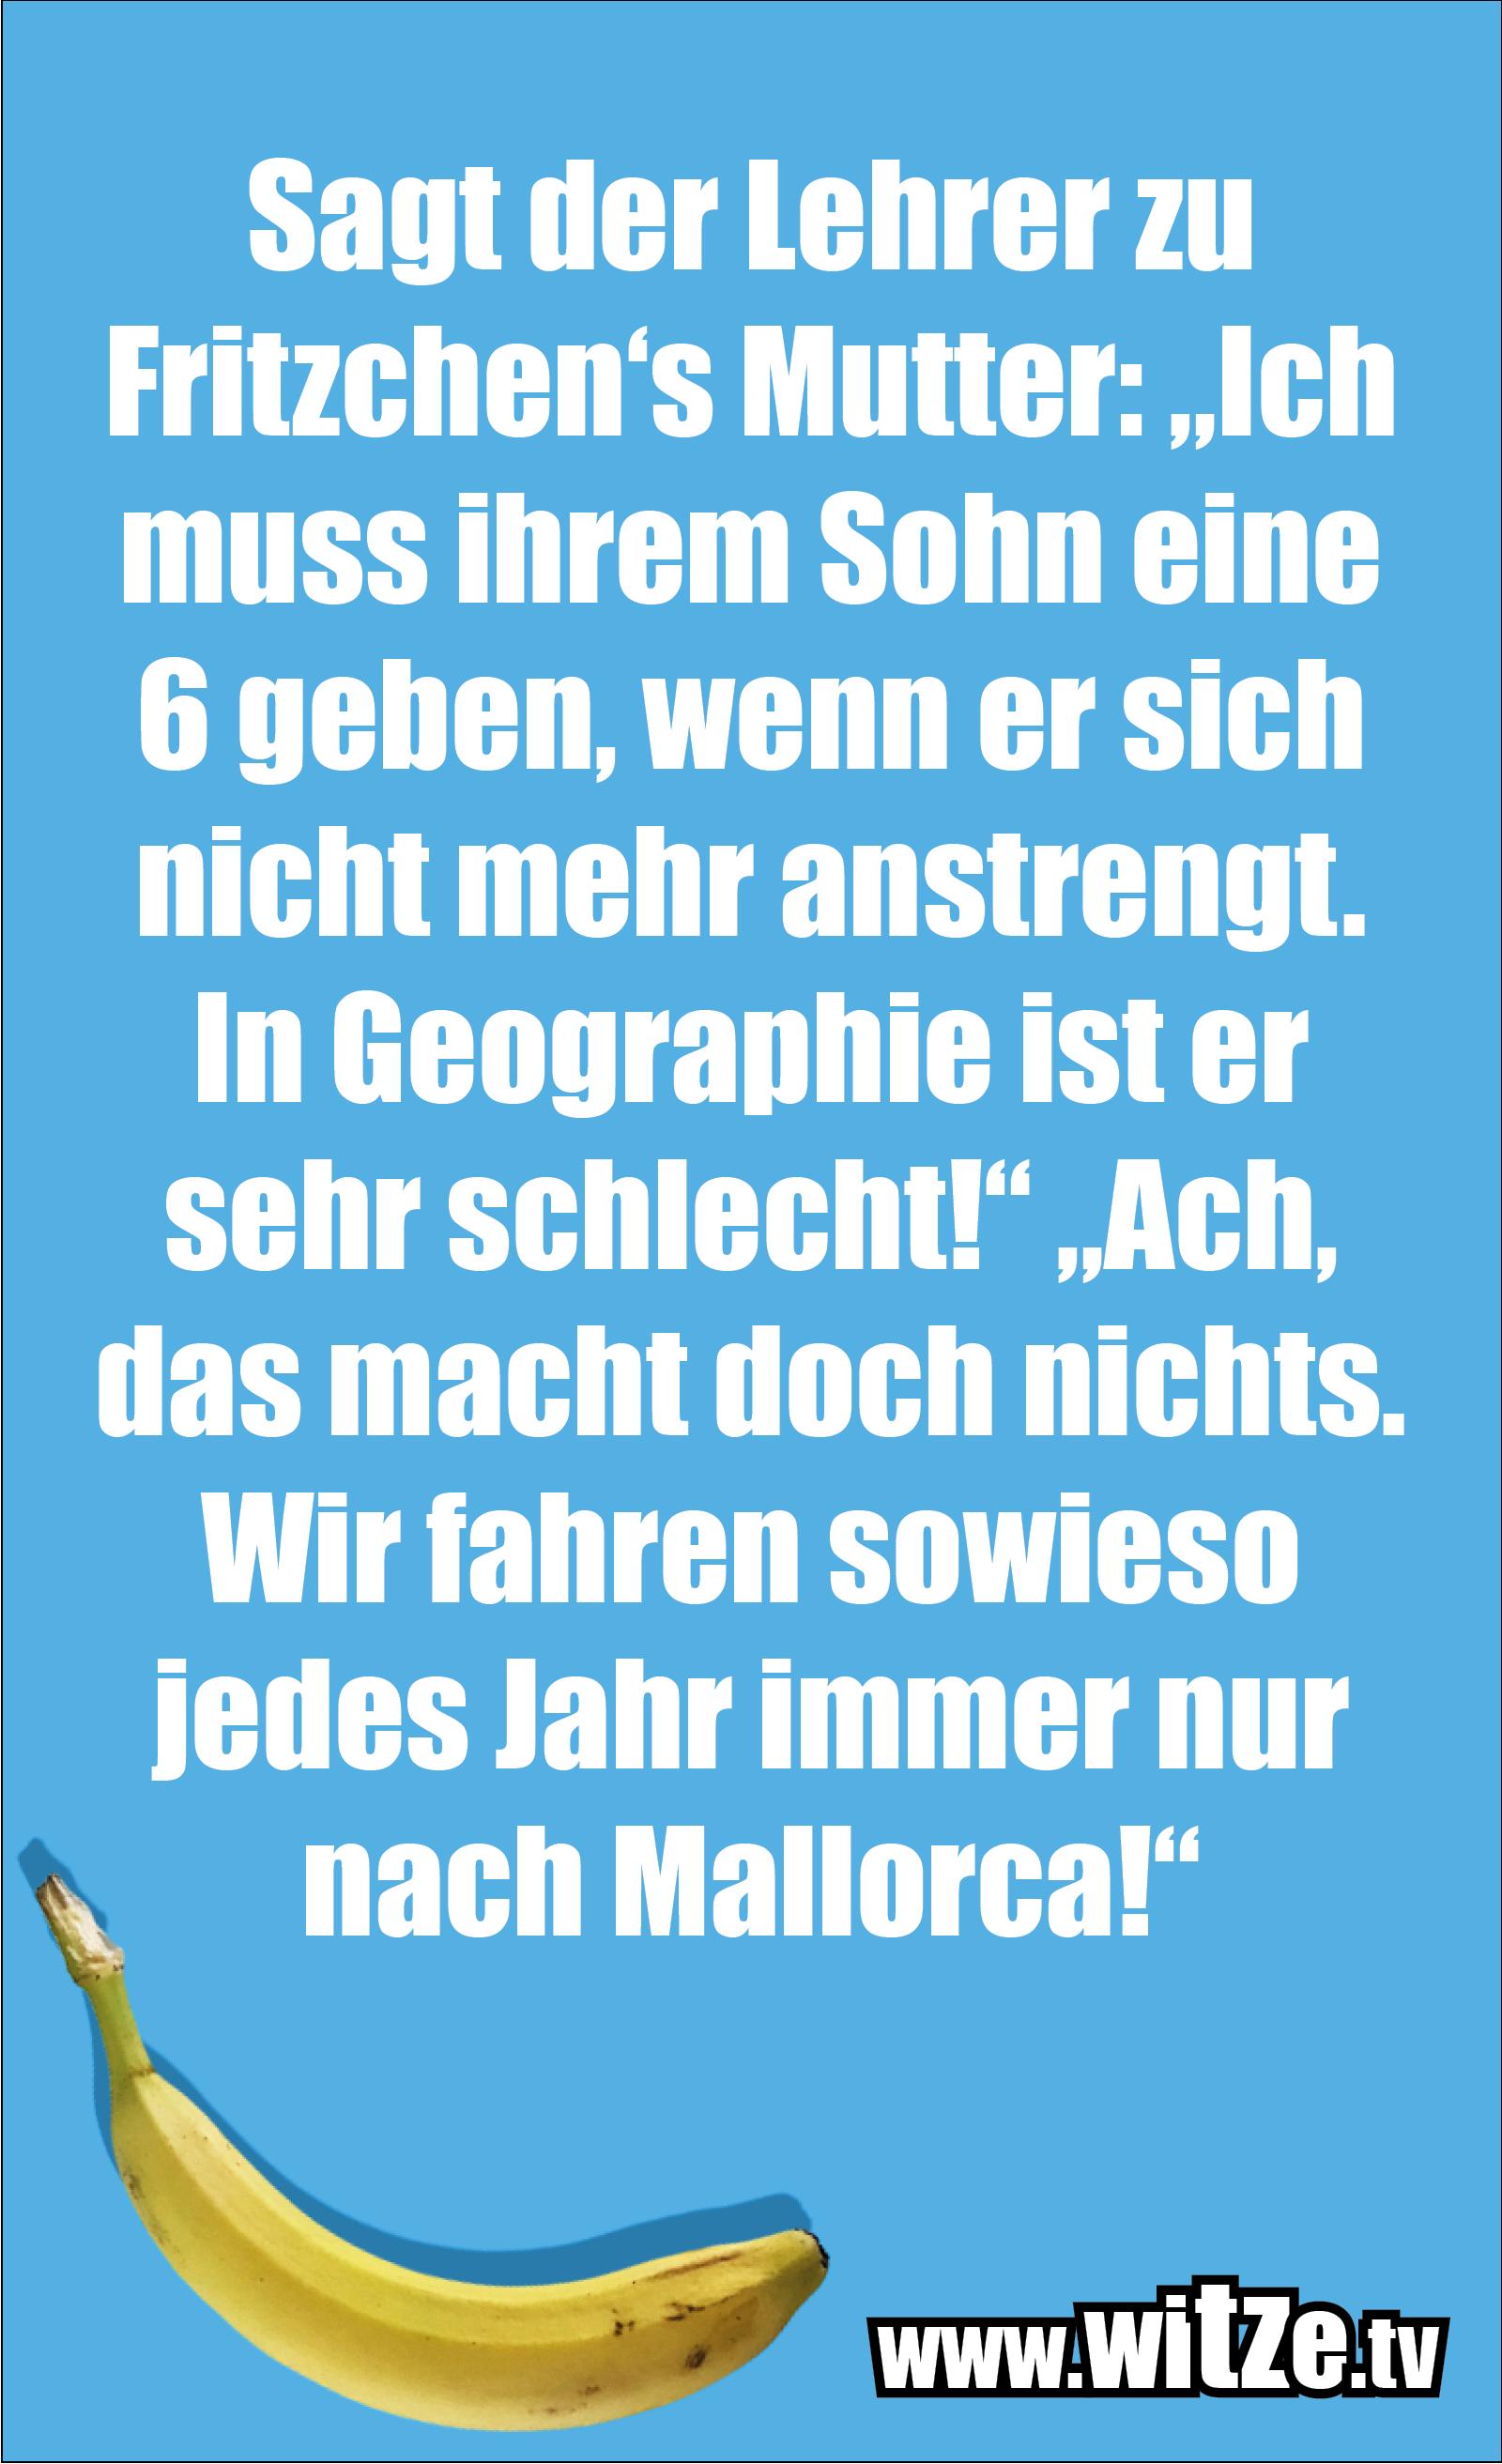 Das ist Humor... Sagt der Lehrer zu Fritzchens Mutter...